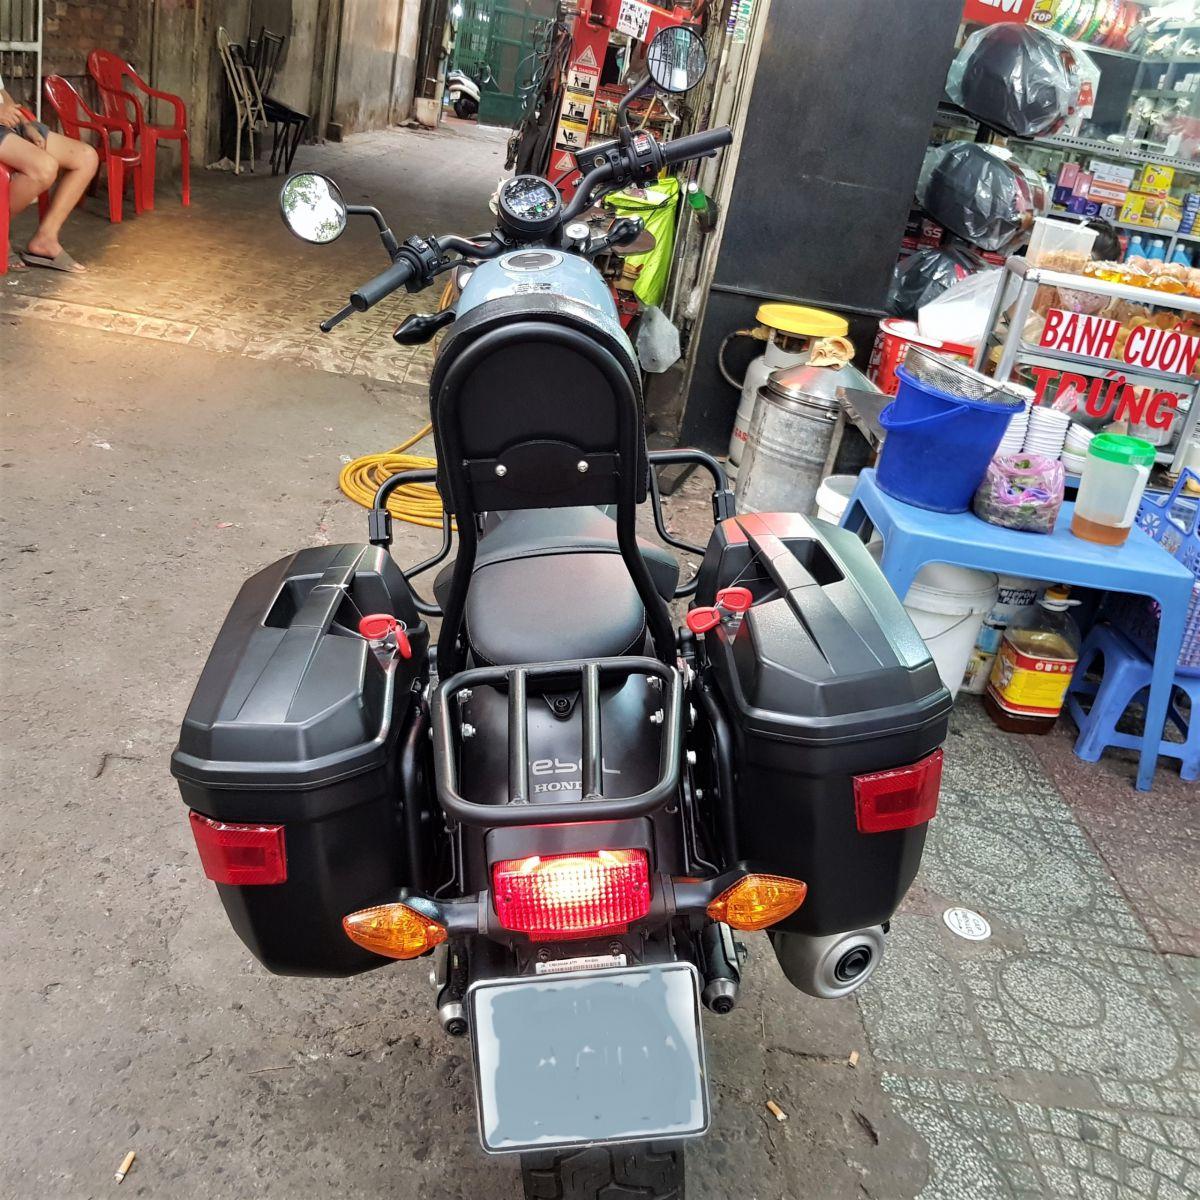 Thung-hong-givi-e22n-xe-honda-rebell-300-10